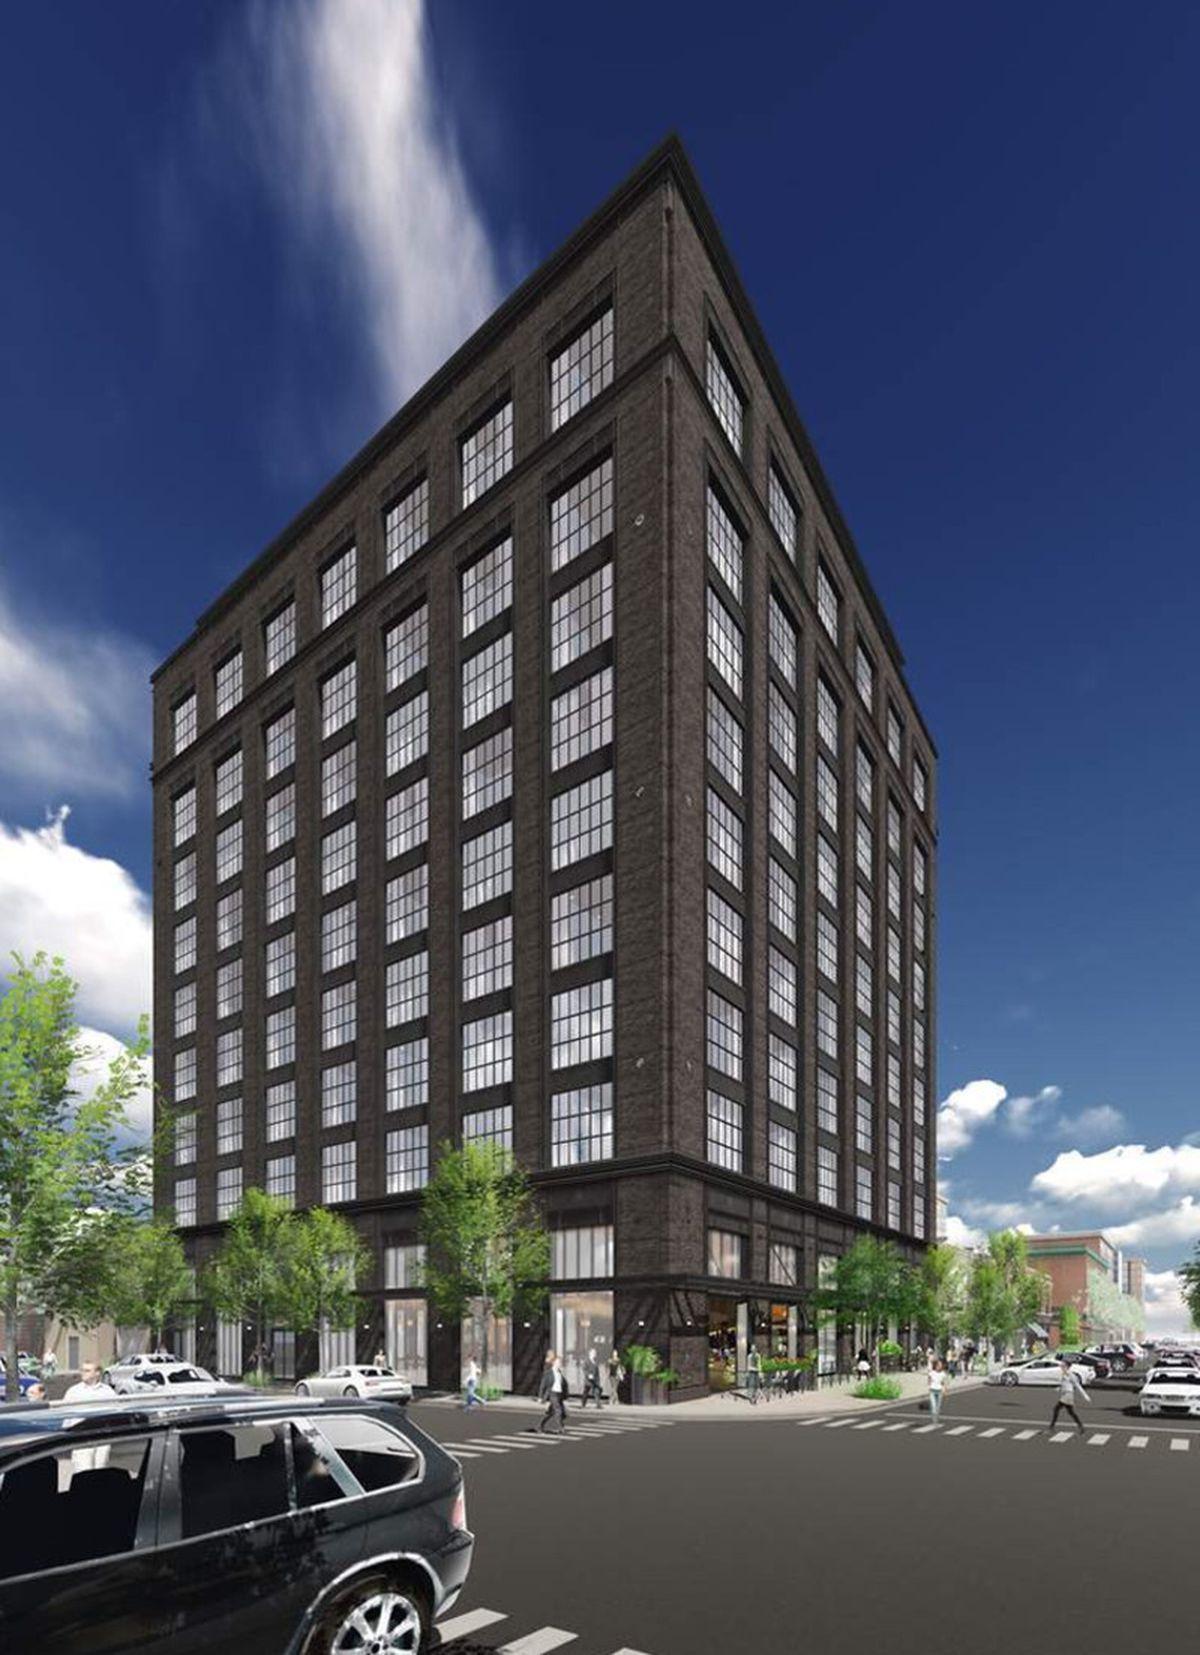 construction resumes on chicago u2019s nobu hotel